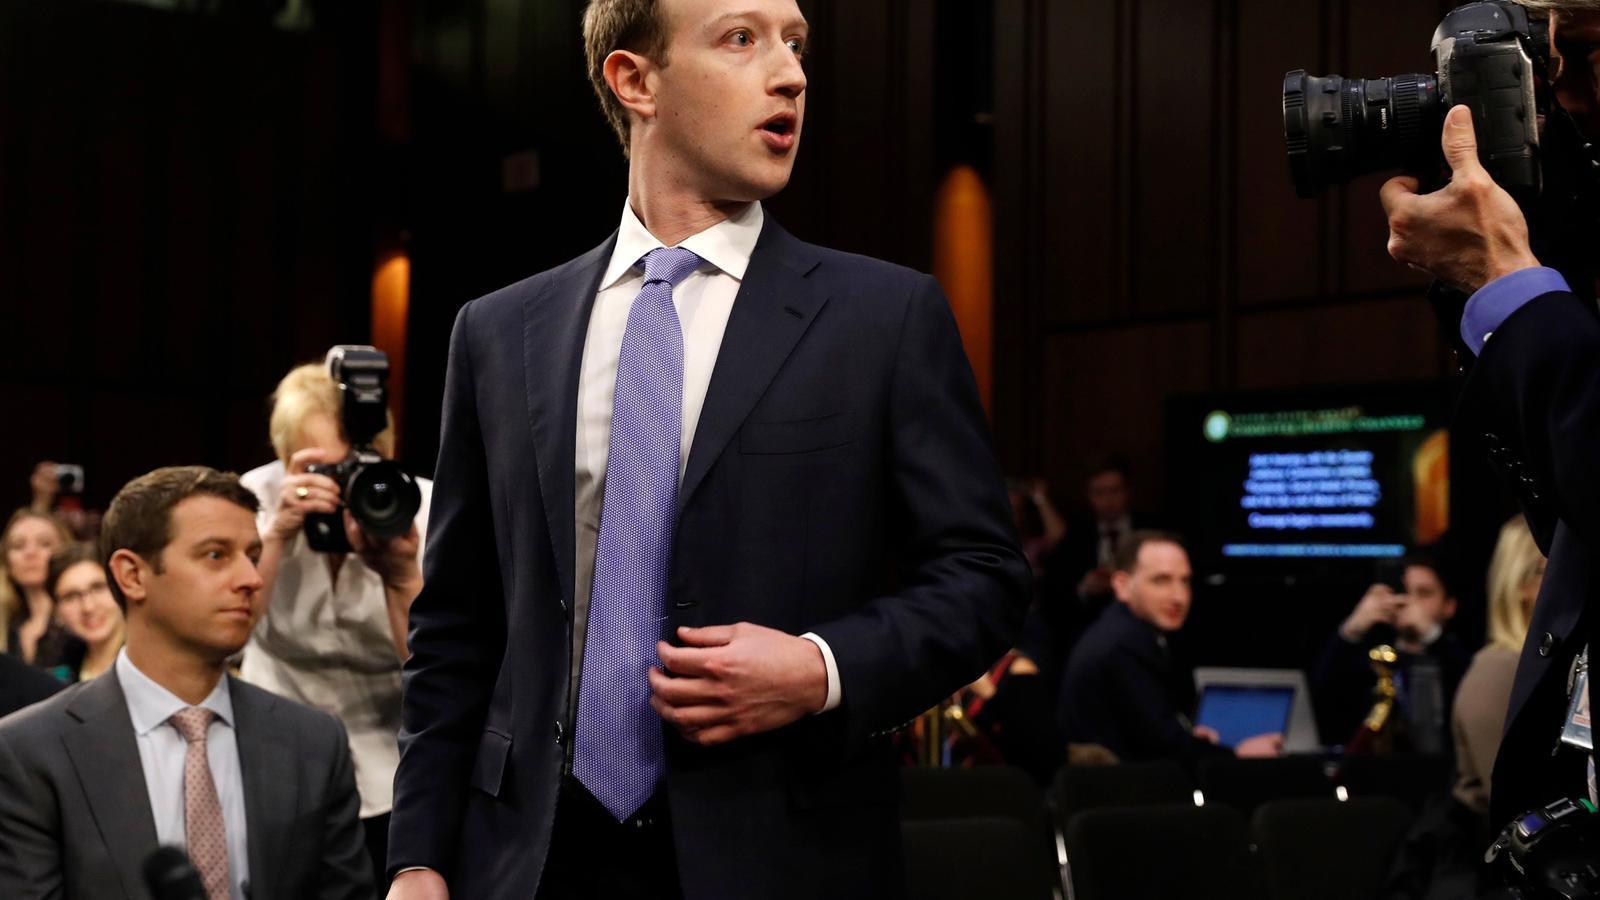 EN DIRECTE: Zuckerberg dona explicacions al Congrés dels Estats Units sobre la macrofiltració de dades